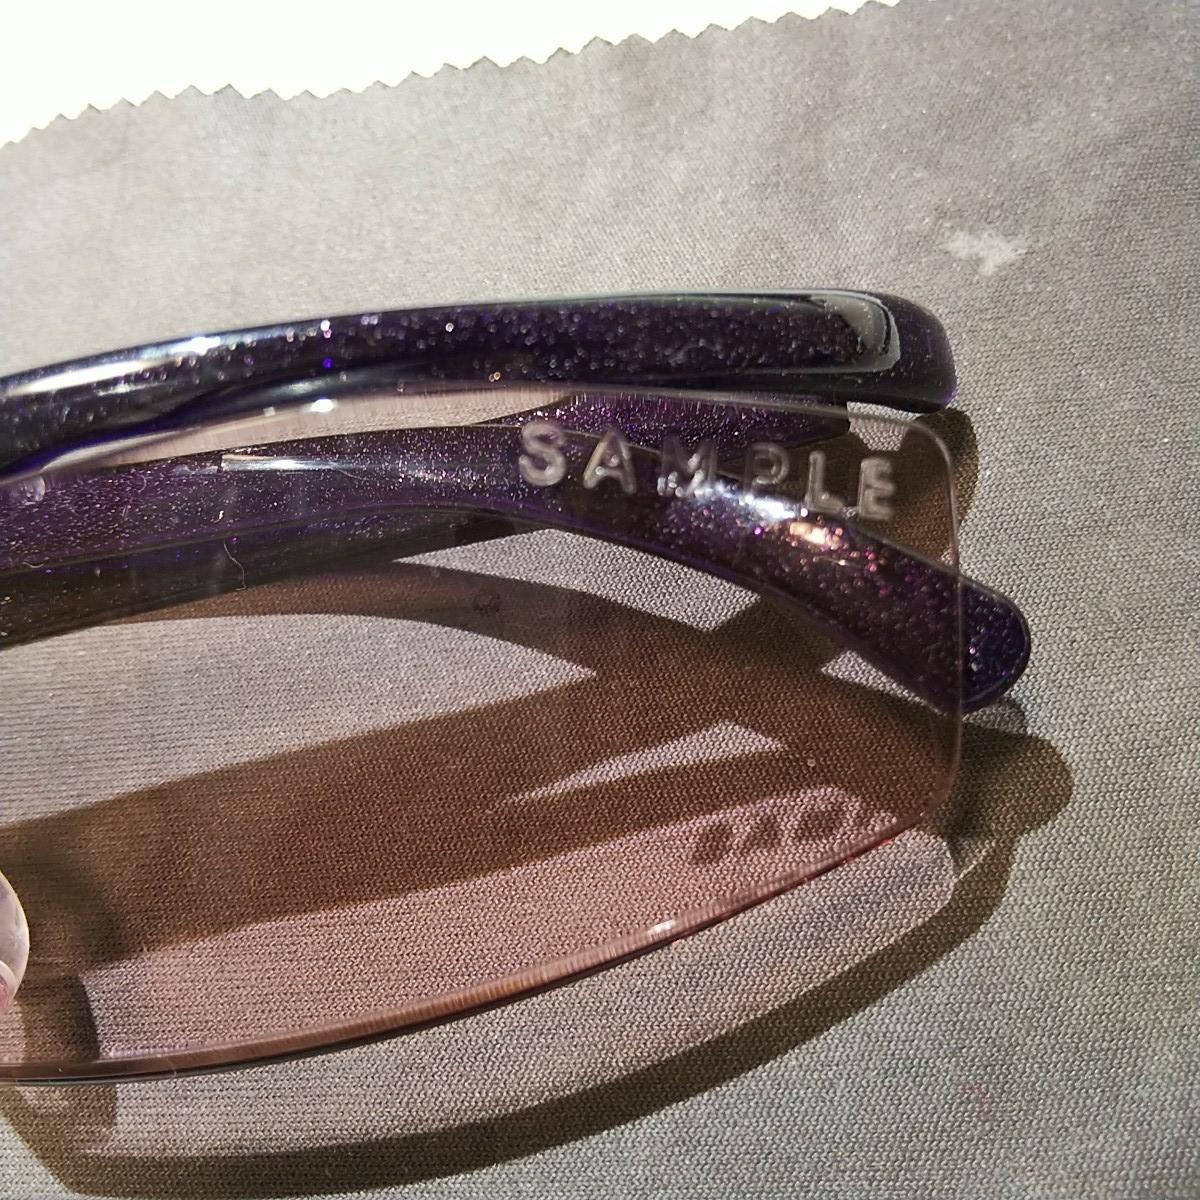 在庫少 小さなサンプル印タイプ1.32倍紫送料185円からハズキルーペコンパクトサンプルカラーレンズ本体のみでカタログつきません。_画像5